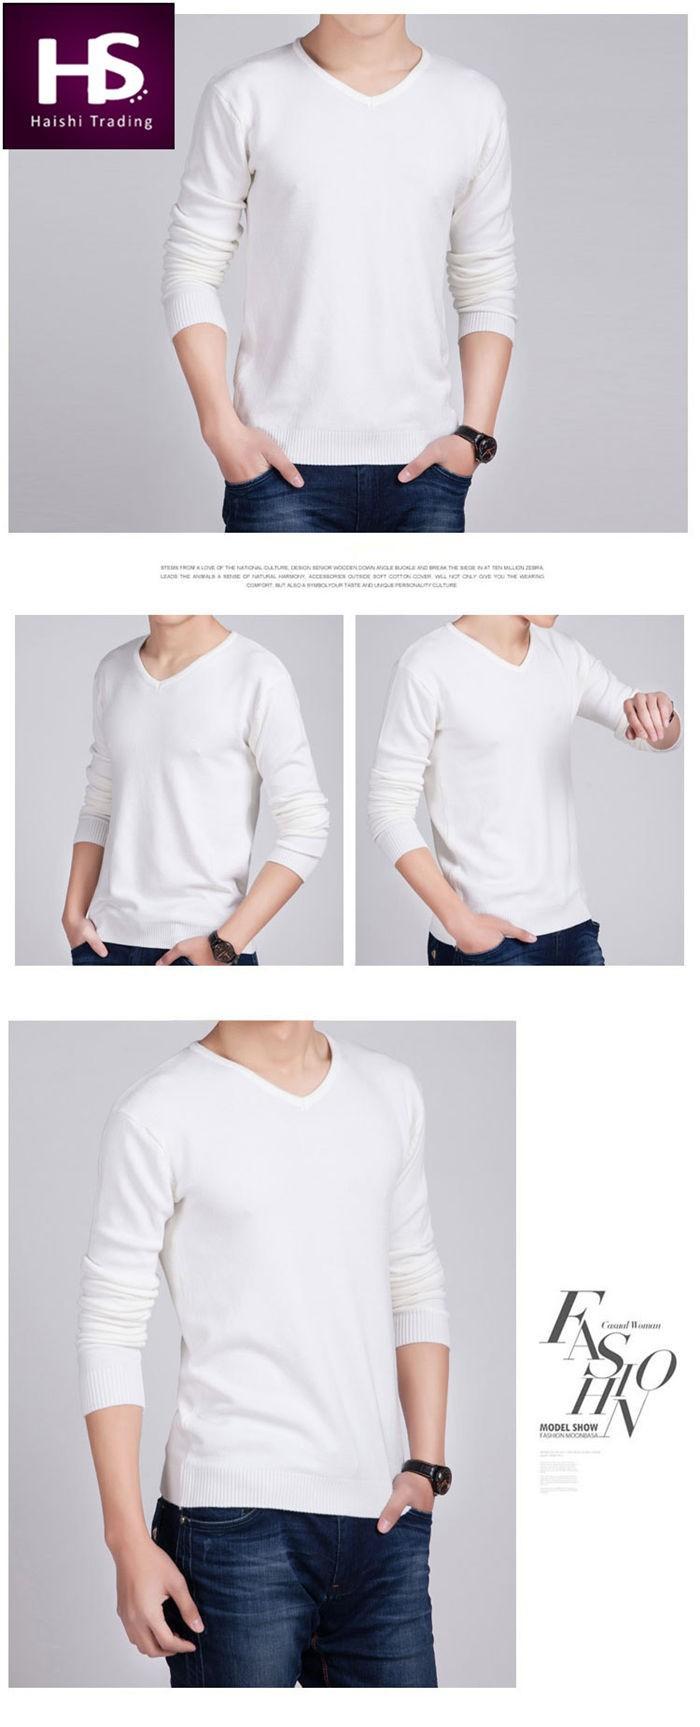 пуловер мужской с v-образным вырезом фото